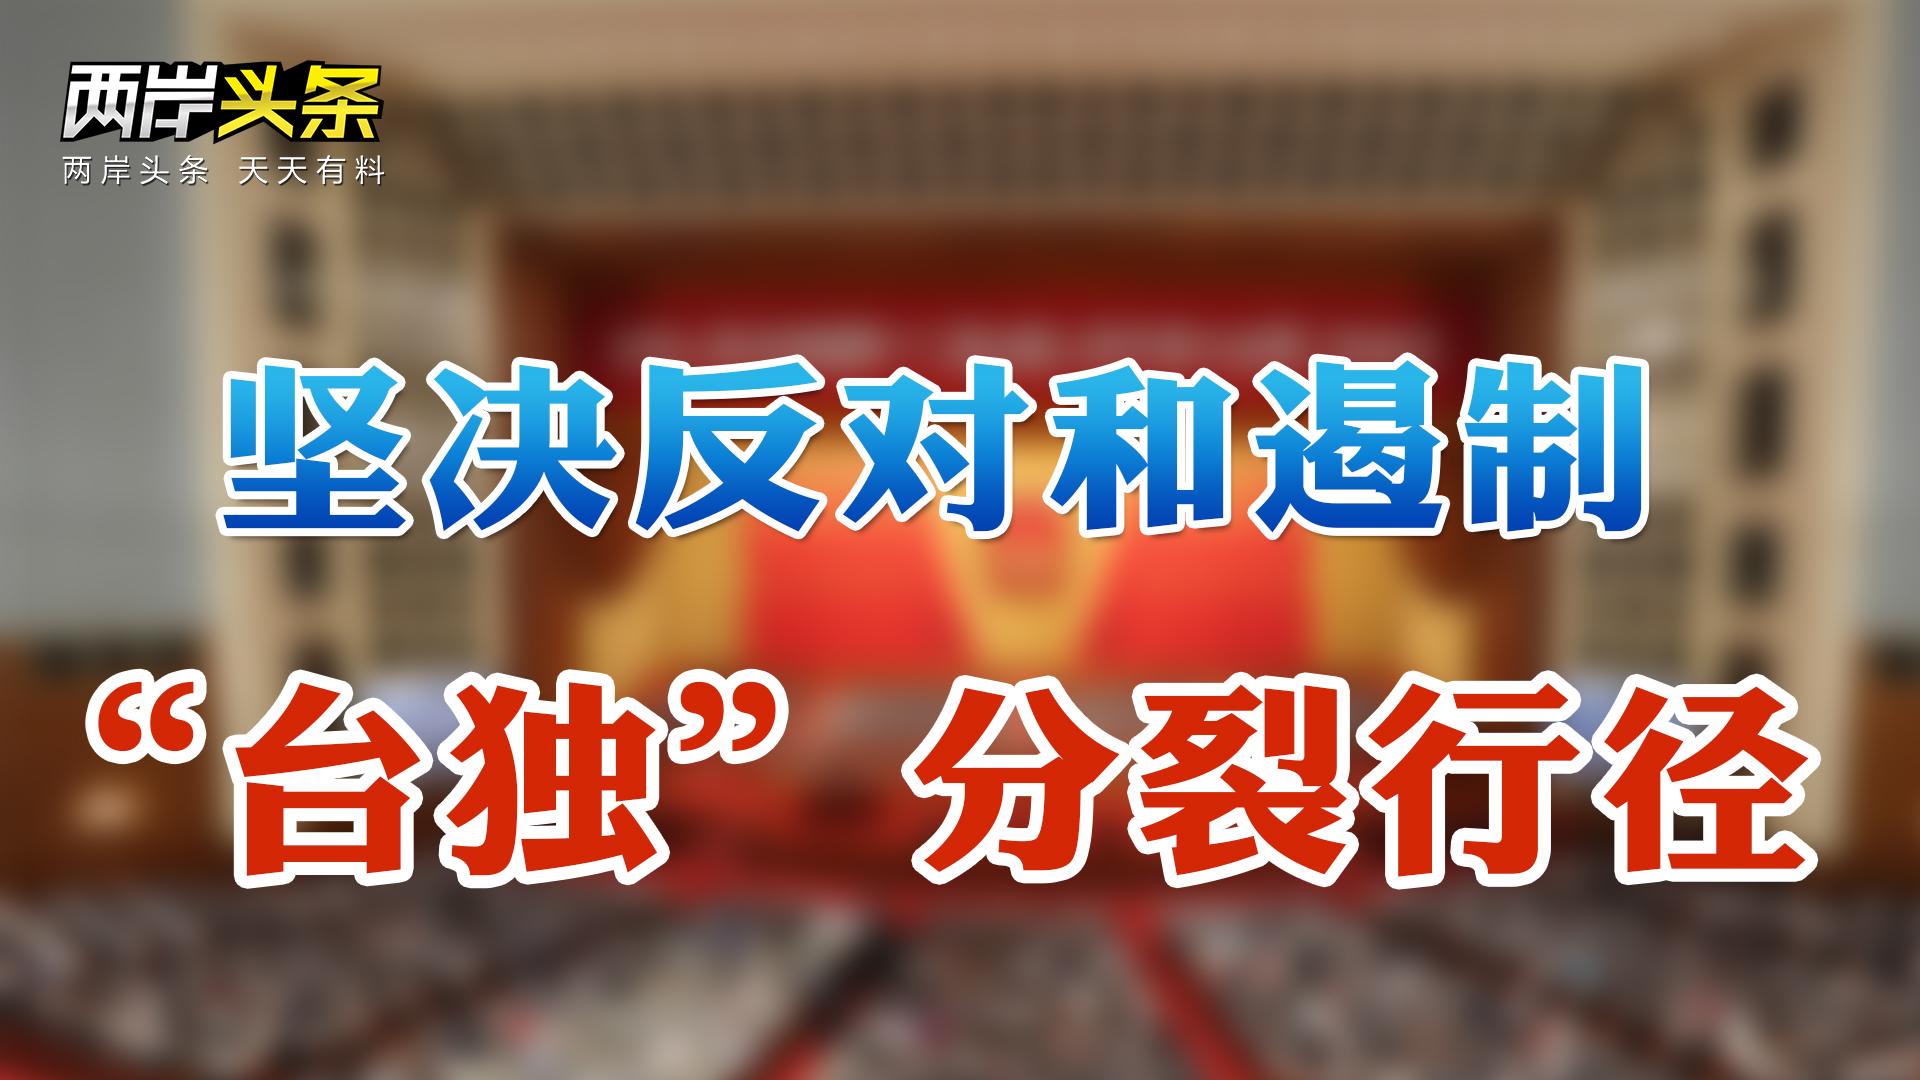 """政府工作報告強調堅決反""""臺獨"""" 外交部、國臺辦就美售臺武器表態"""